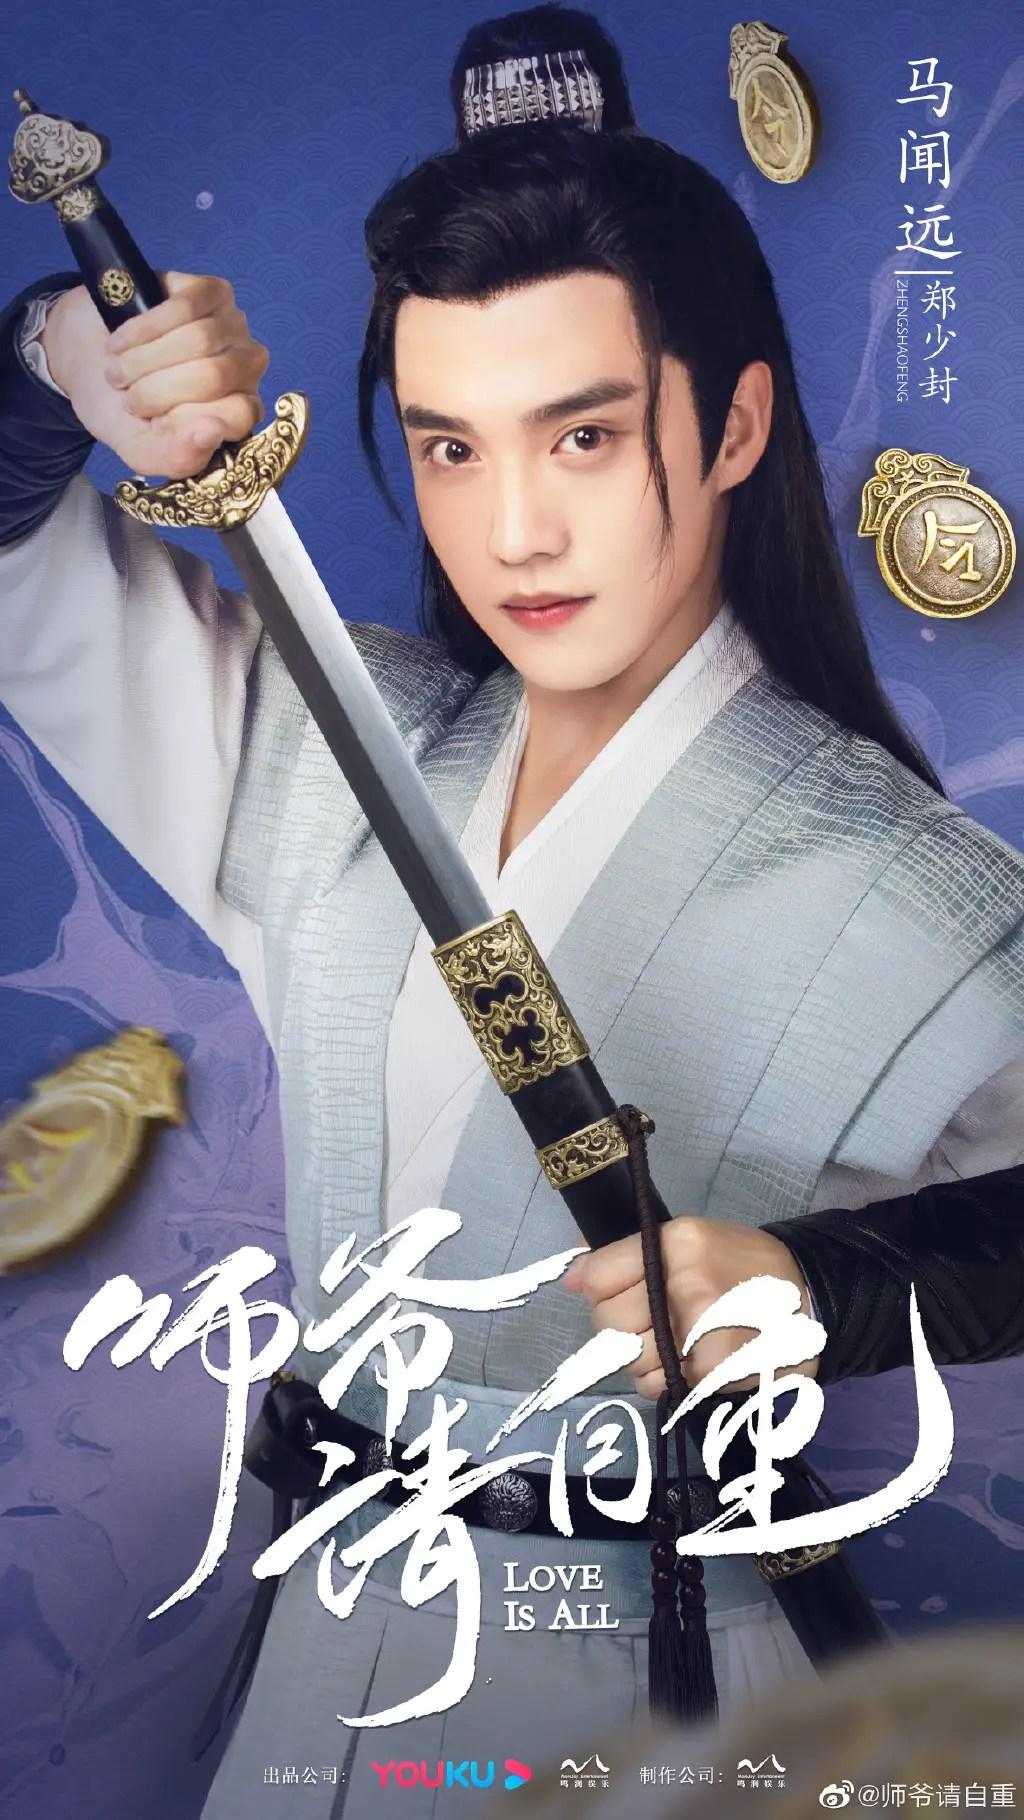 Ma Wen Yuan